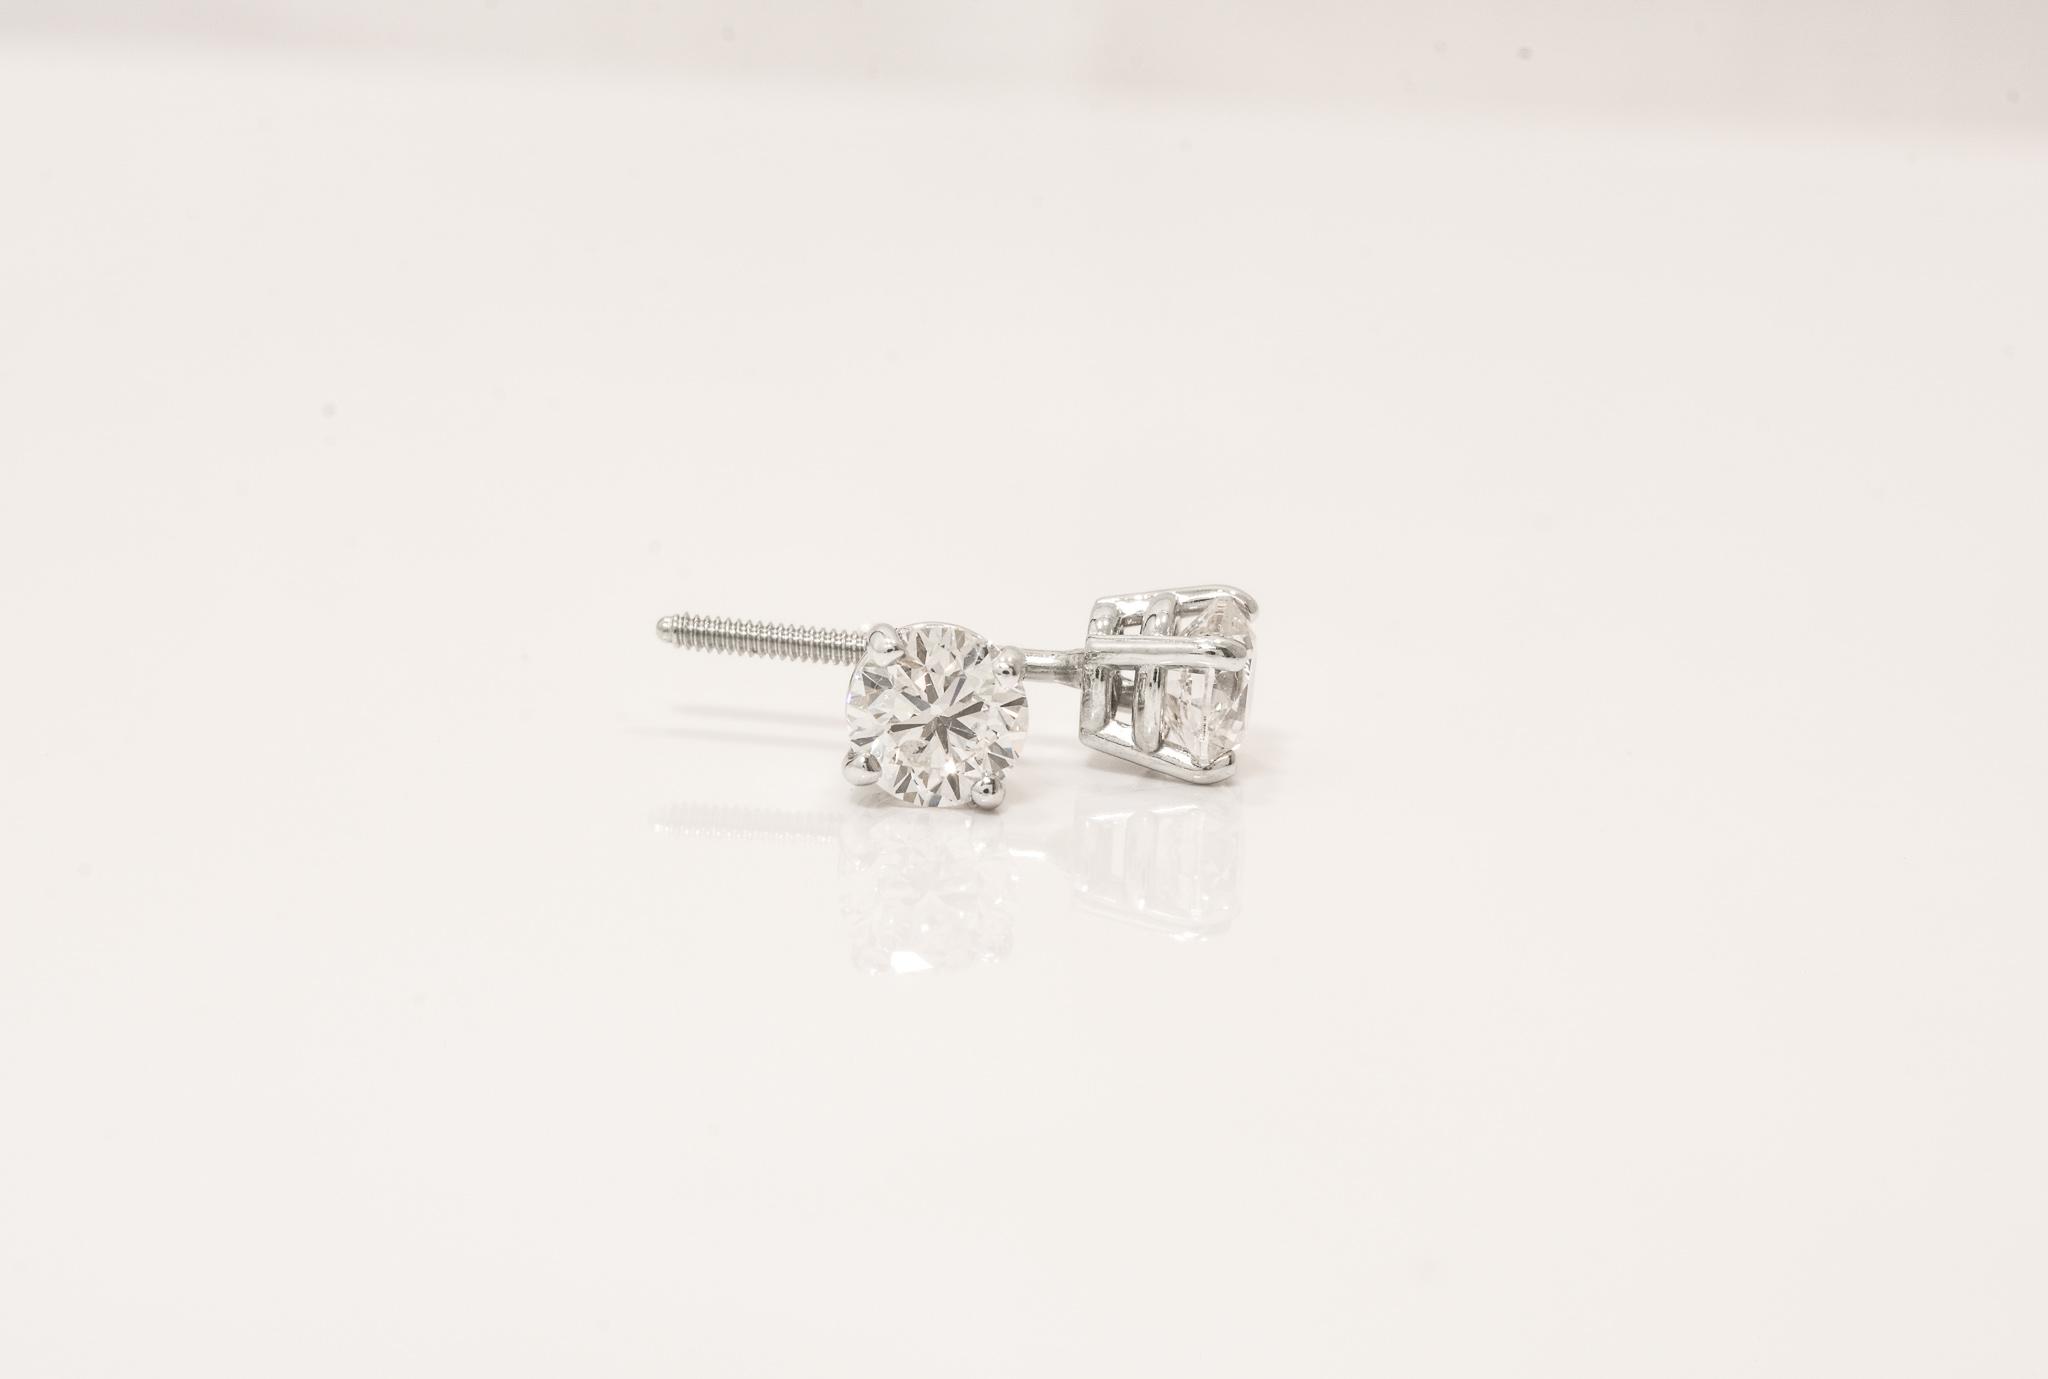 14 kt. White Gold Diamond Stud Earrings.  .86ct. tdwt. I1,H Certified.